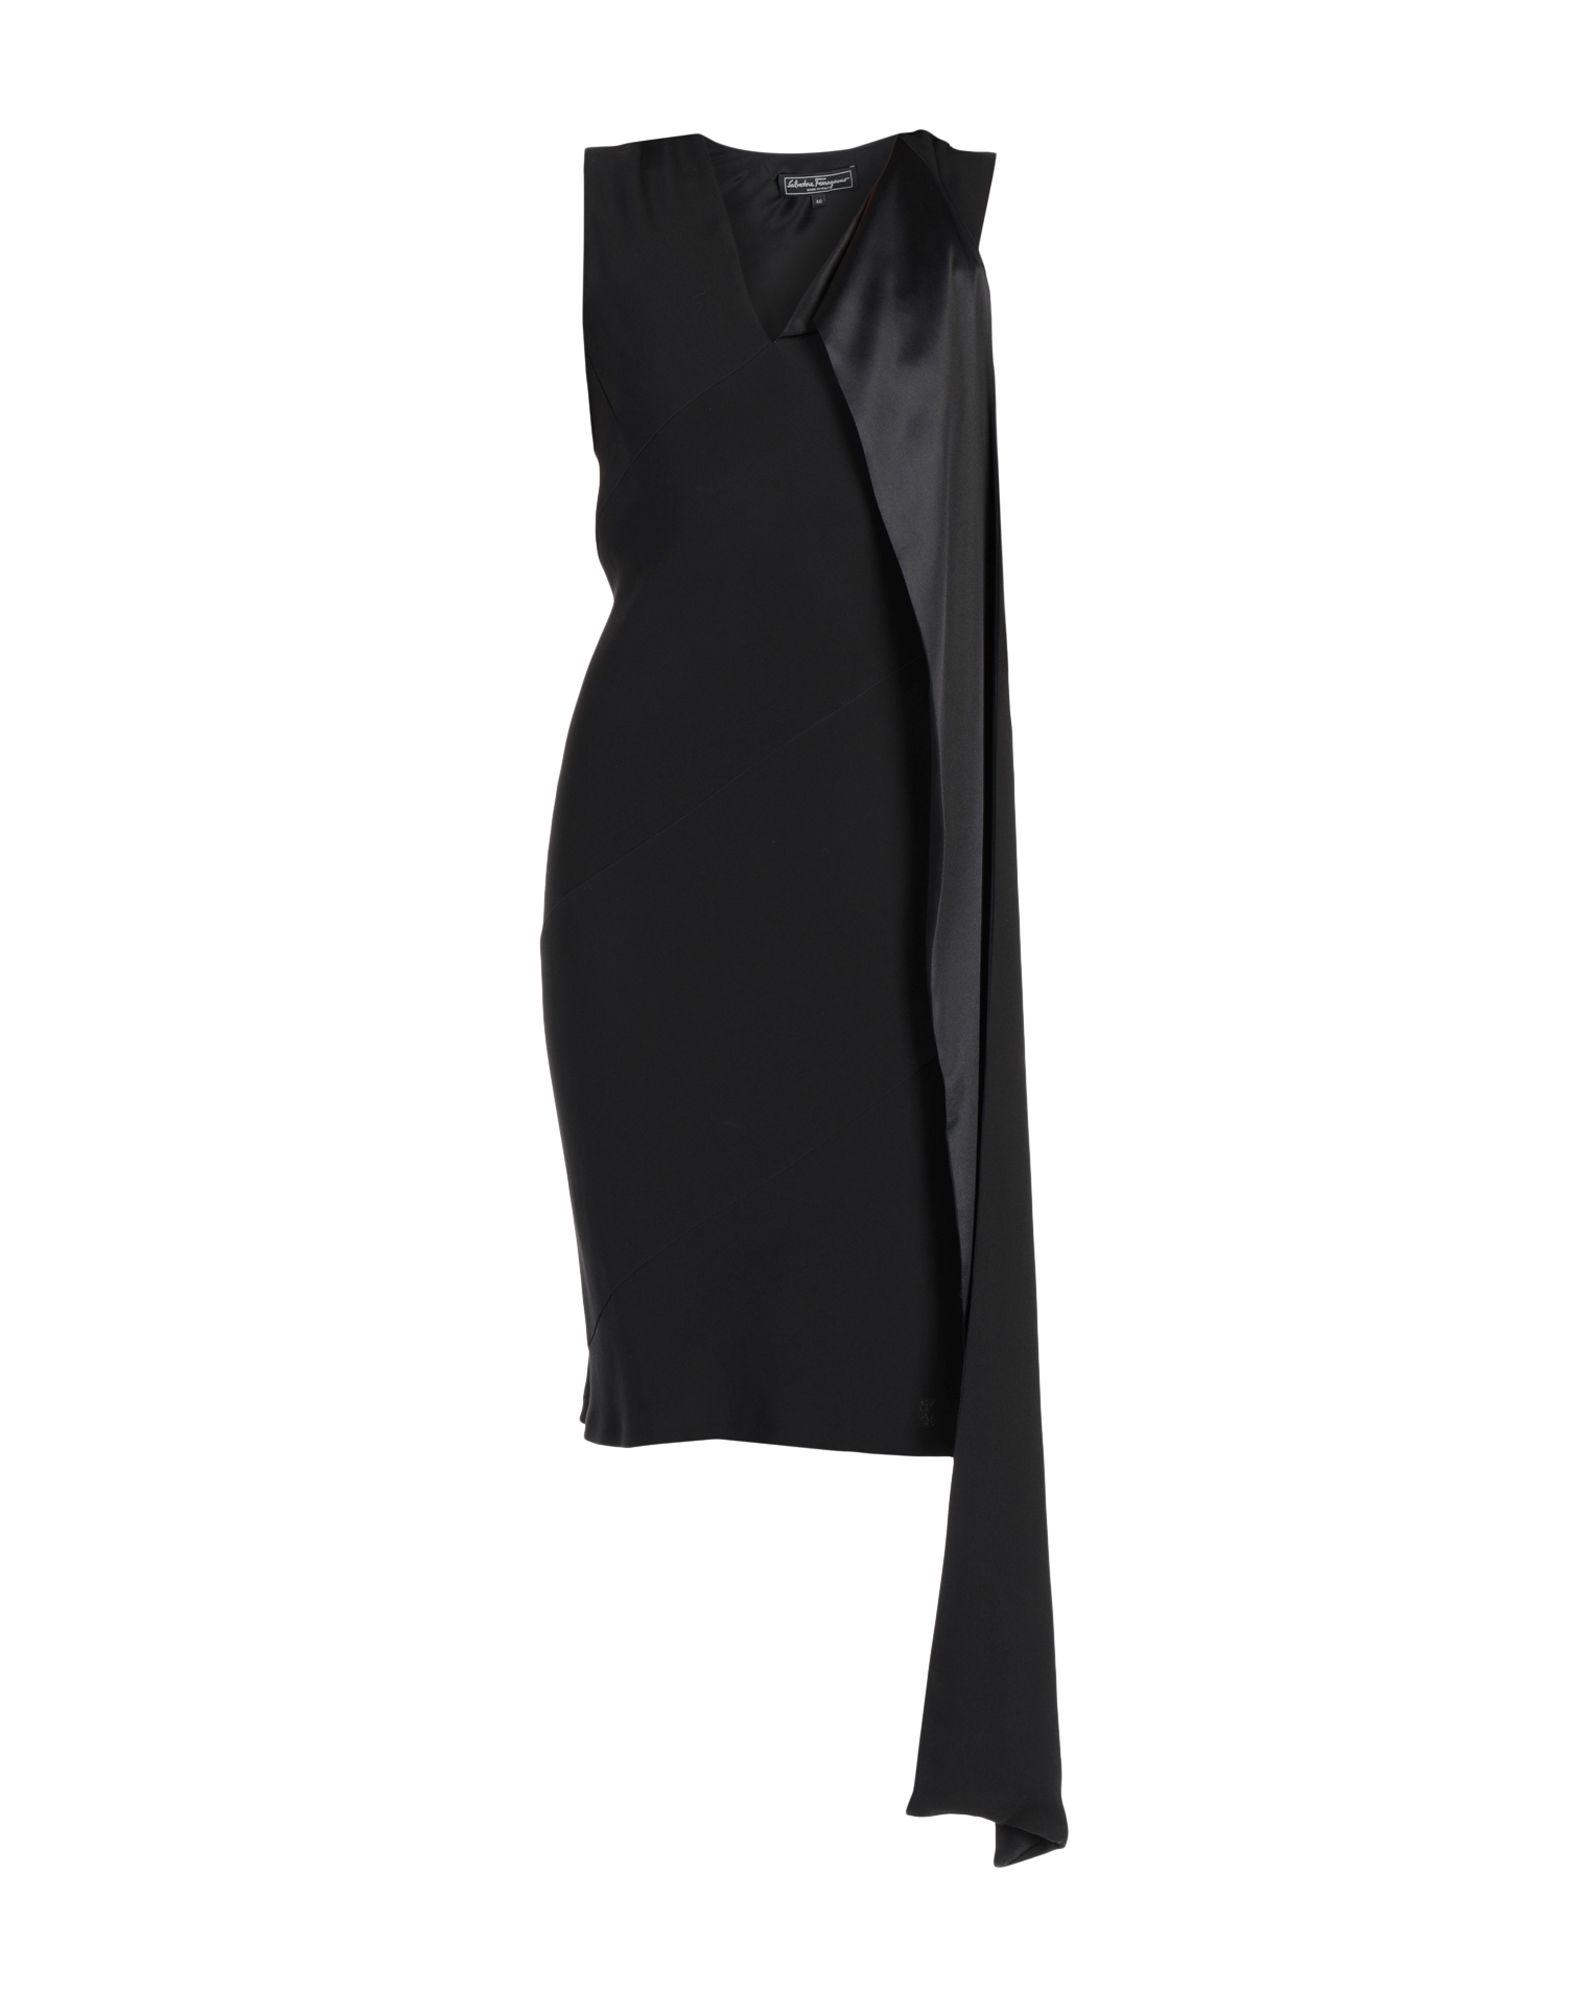 купить SALVATORE FERRAGAMO Платье до колена по цене 52000 рублей